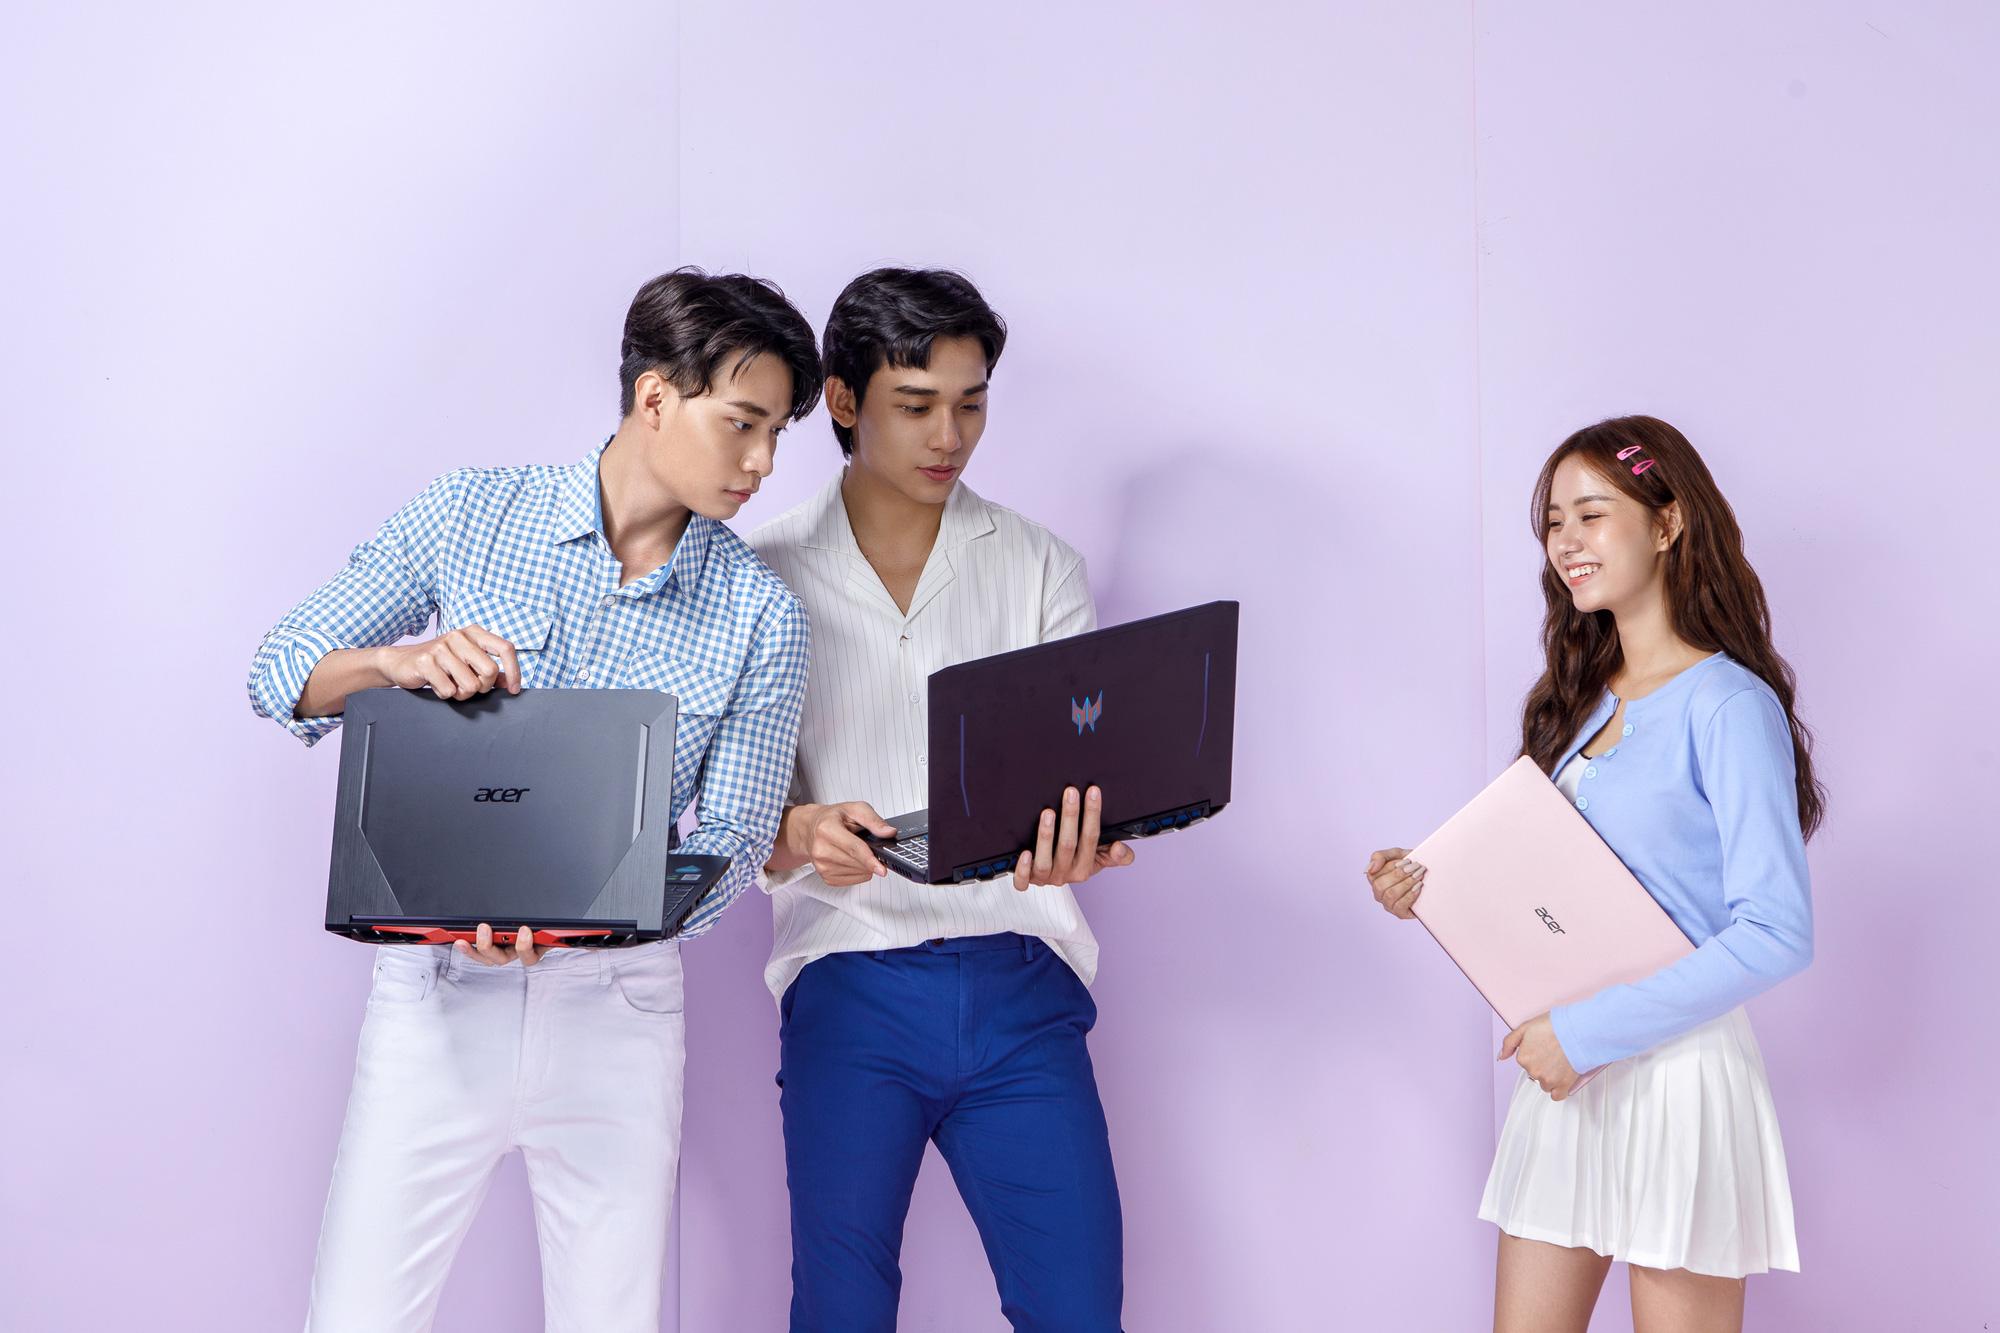 Mẹo để lựa chọn một chiếc laptop đúng theo ngành học - Ảnh 1.